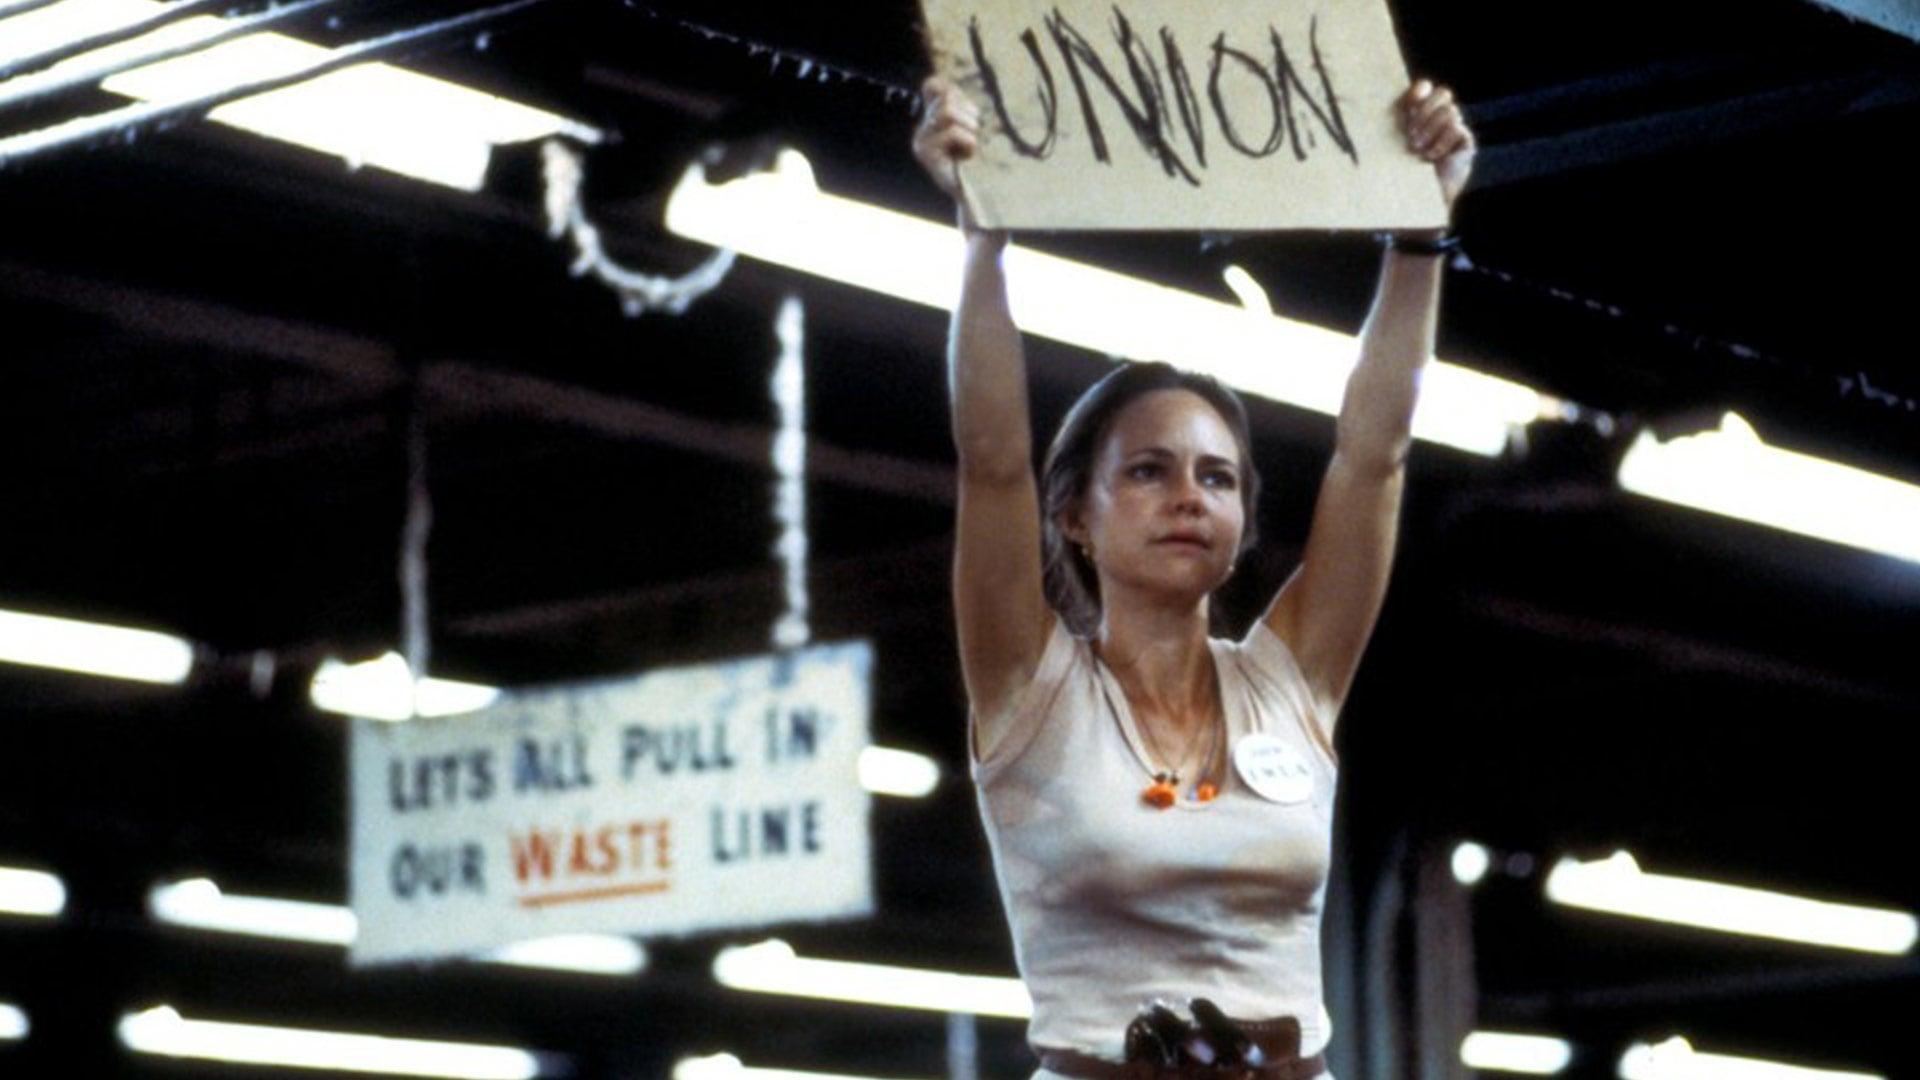 Women at Work: Labor Activism